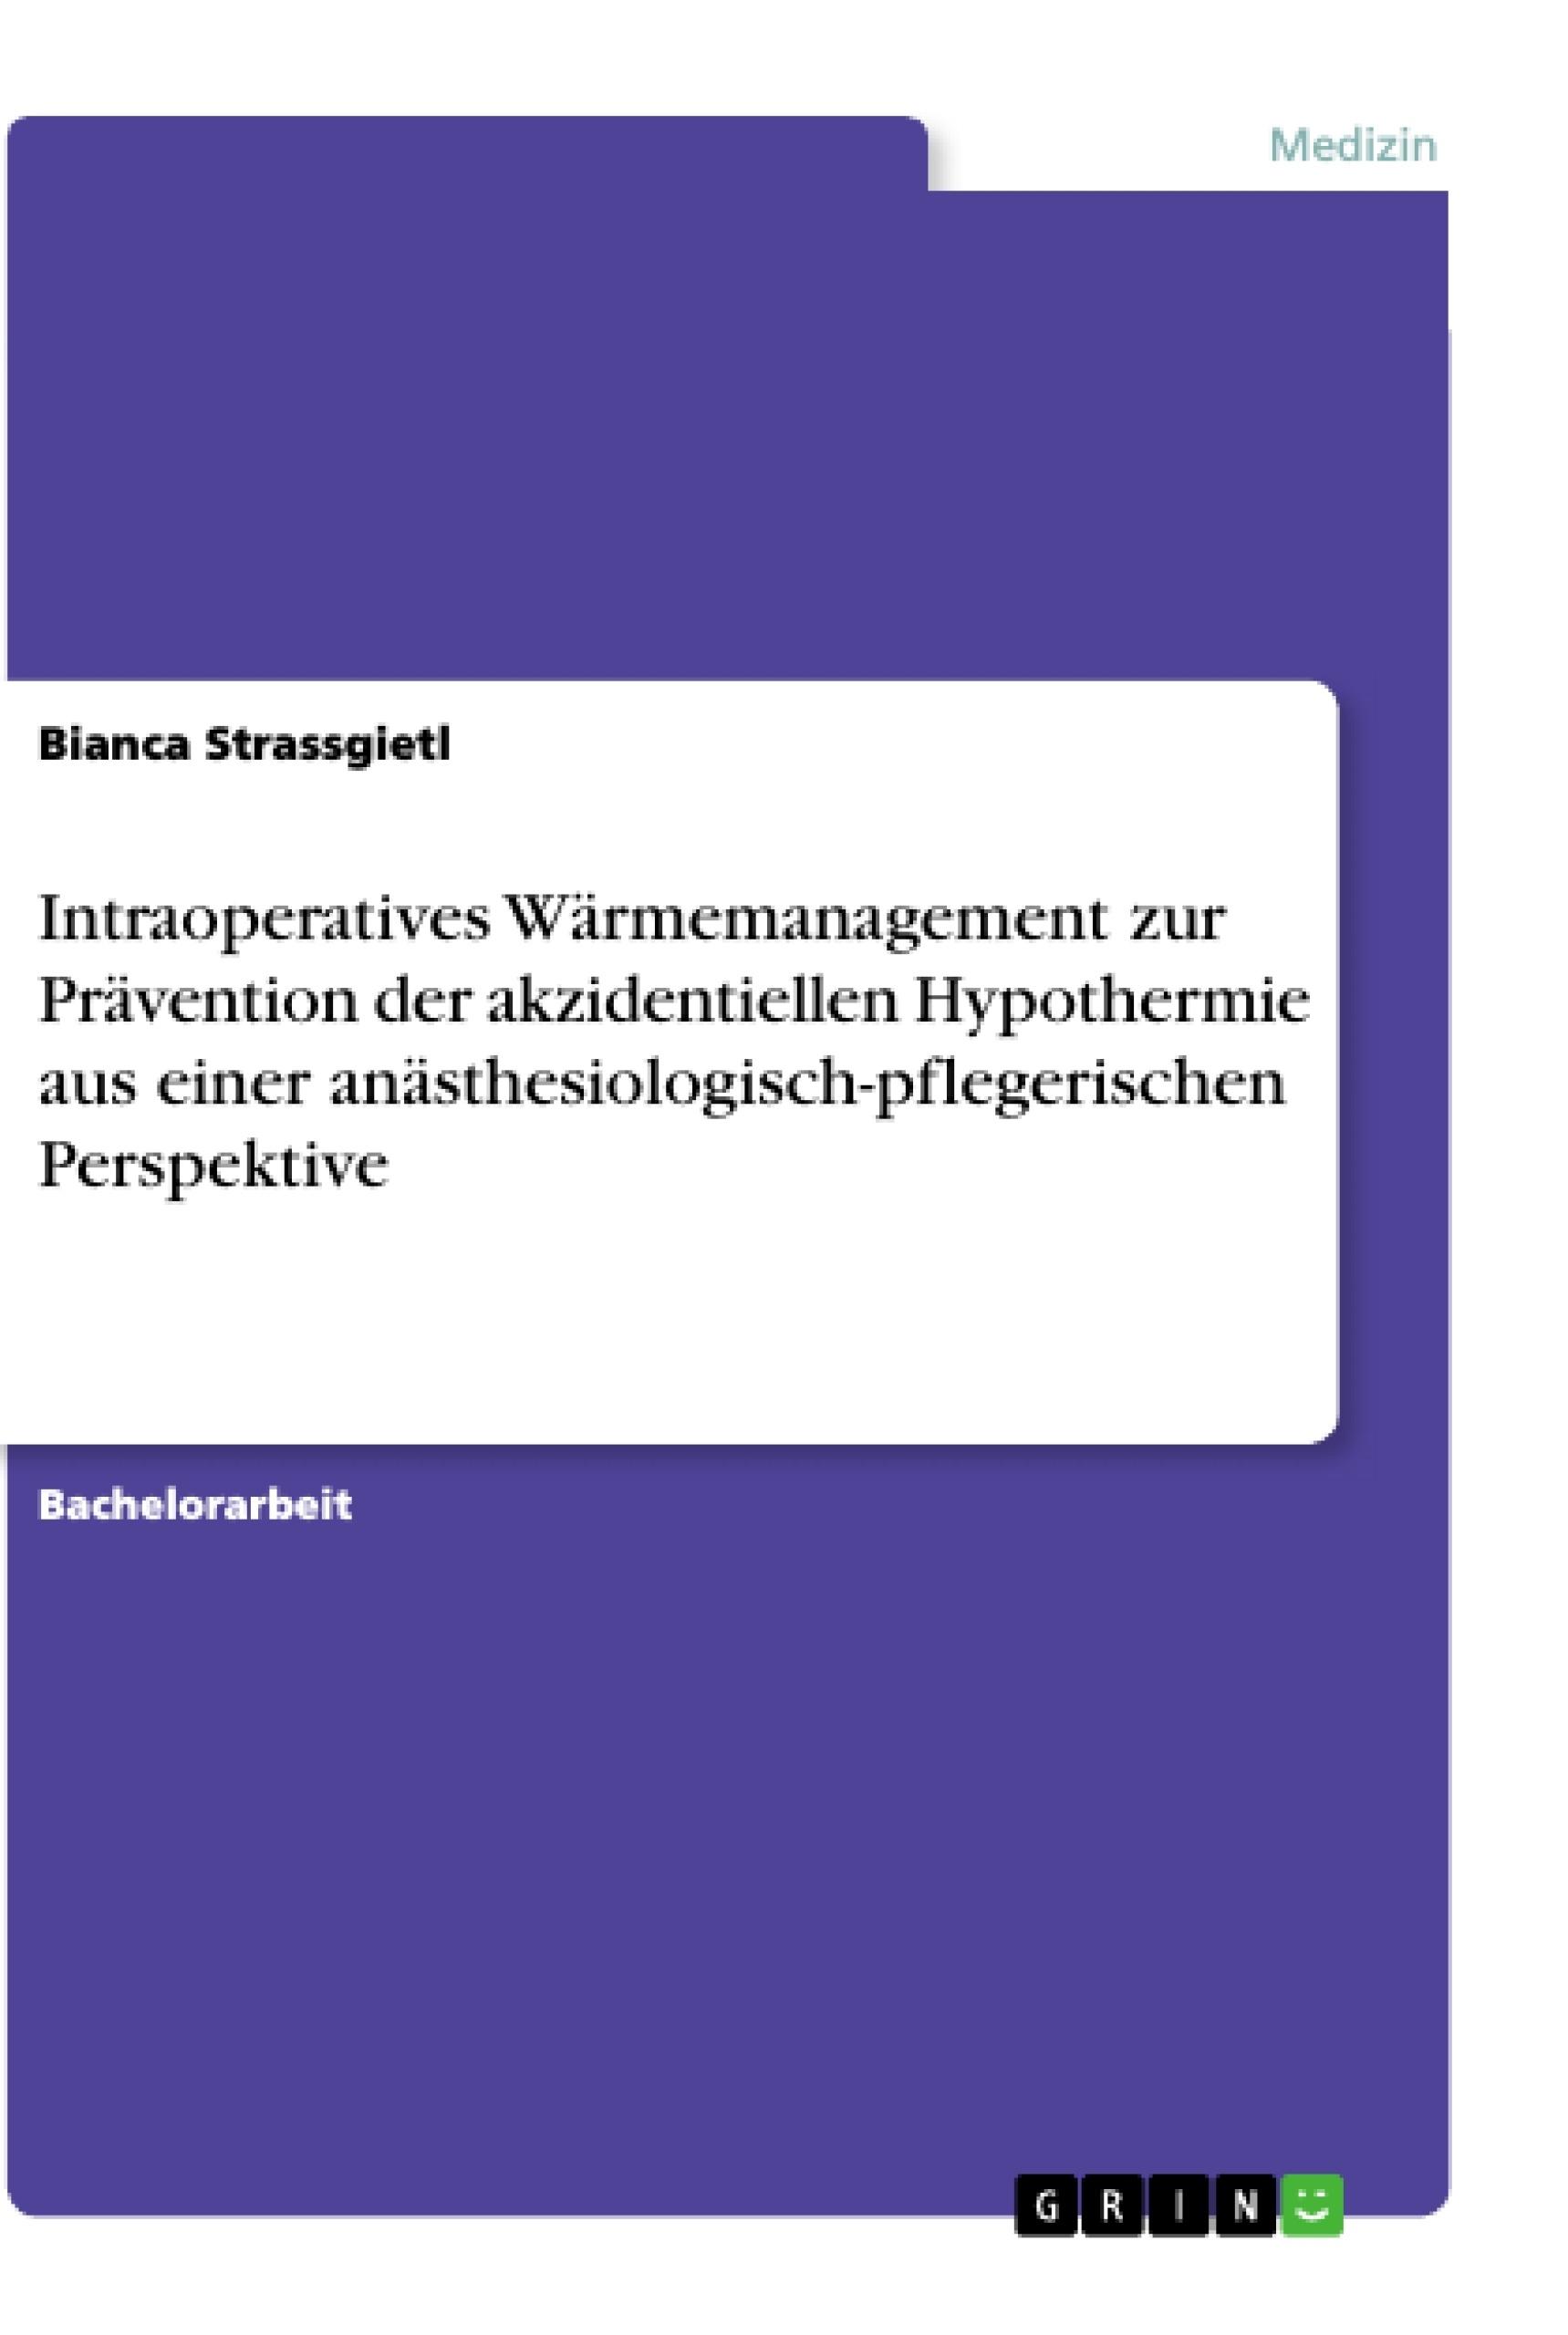 Titel: Intraoperatives Wärmemanagement zur Prävention der akzidentiellen Hypothermie aus einer anästhesiologisch-pflegerischen Perspektive